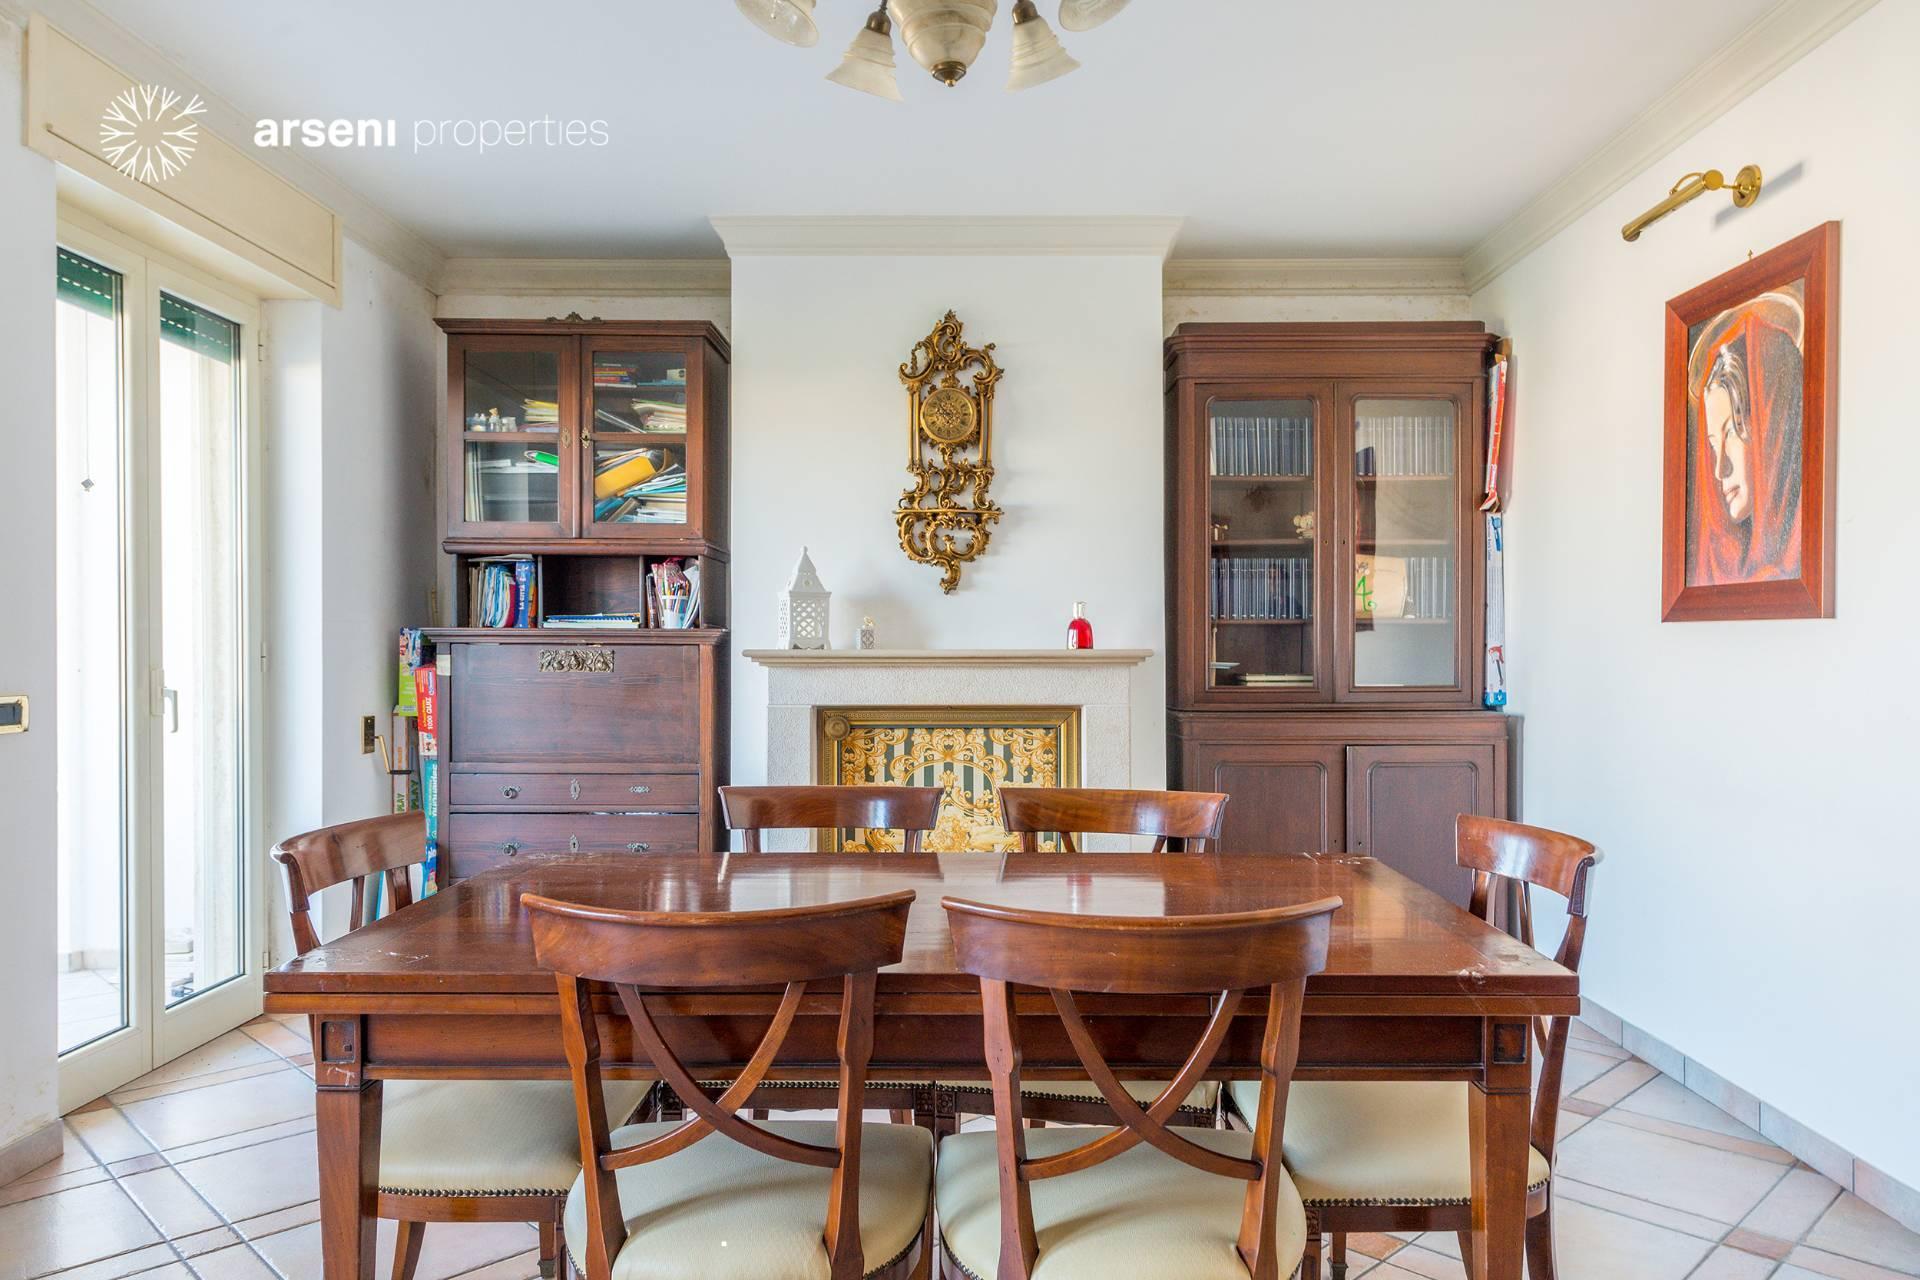 Appartamento in vendita a Botrugno, 6 locali, prezzo € 135.000 | PortaleAgenzieImmobiliari.it